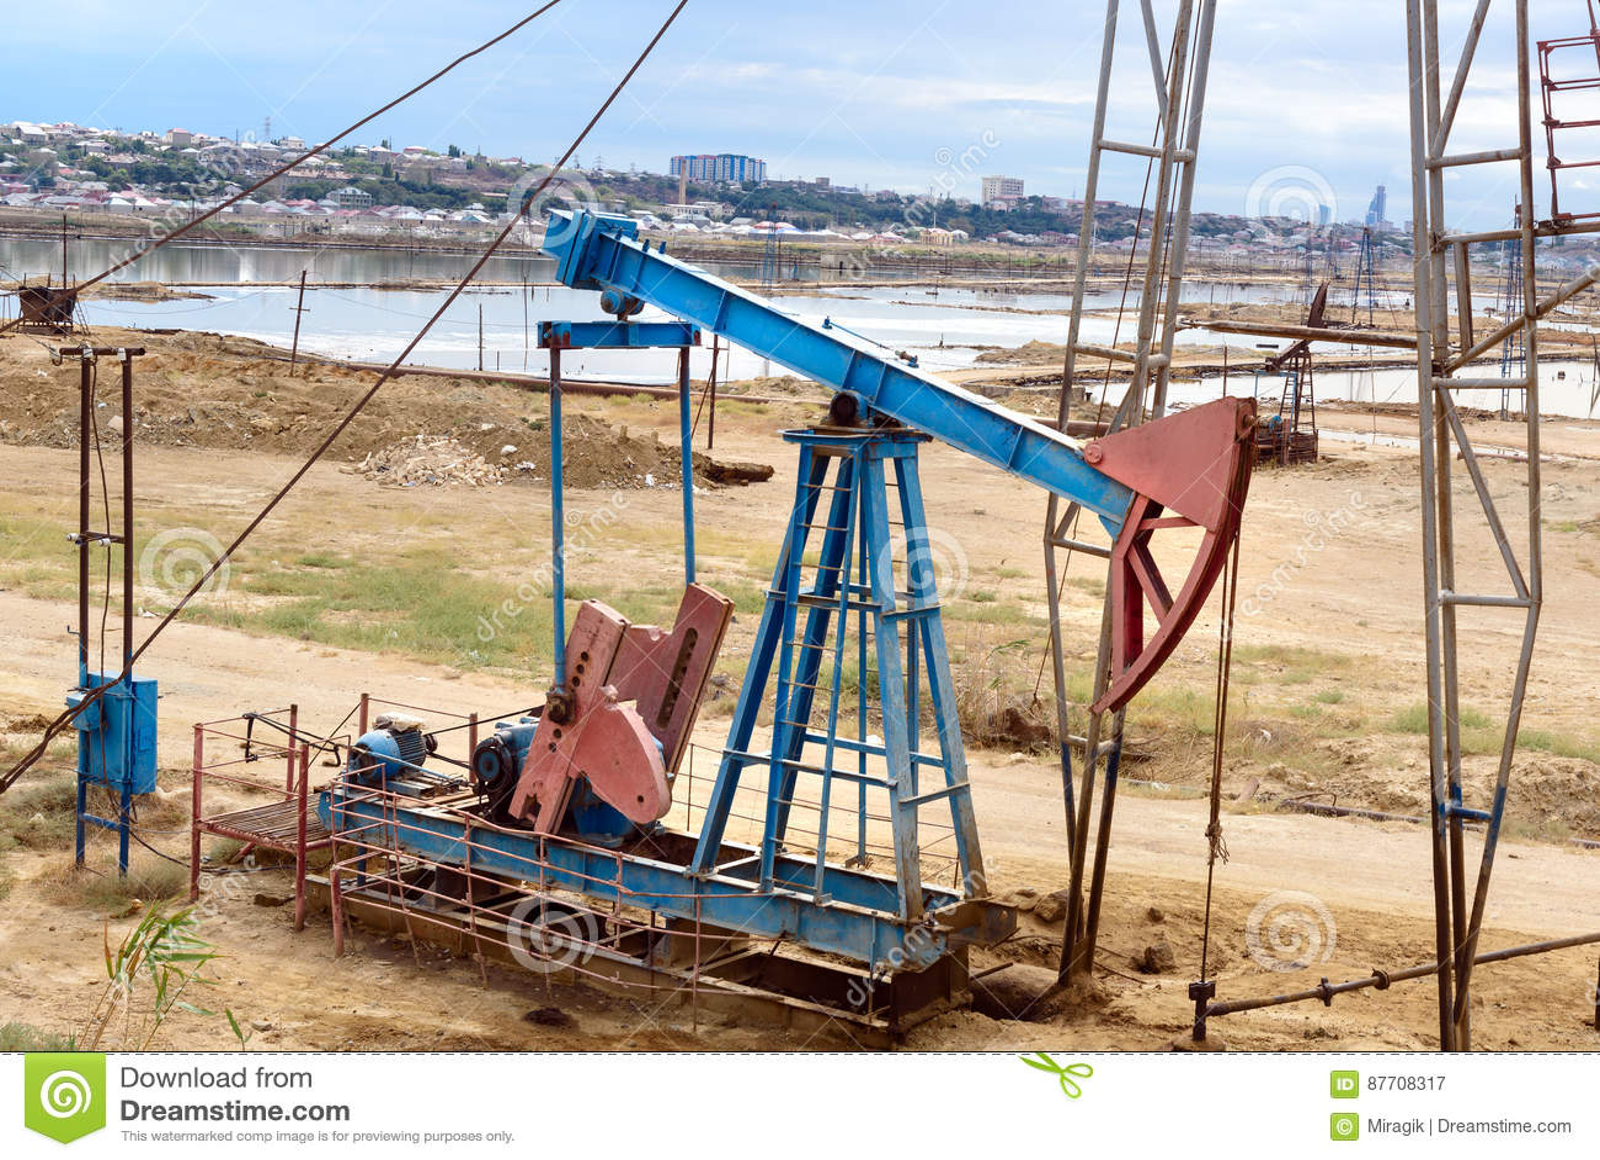 Tour d huile sur le gisement de pétrole